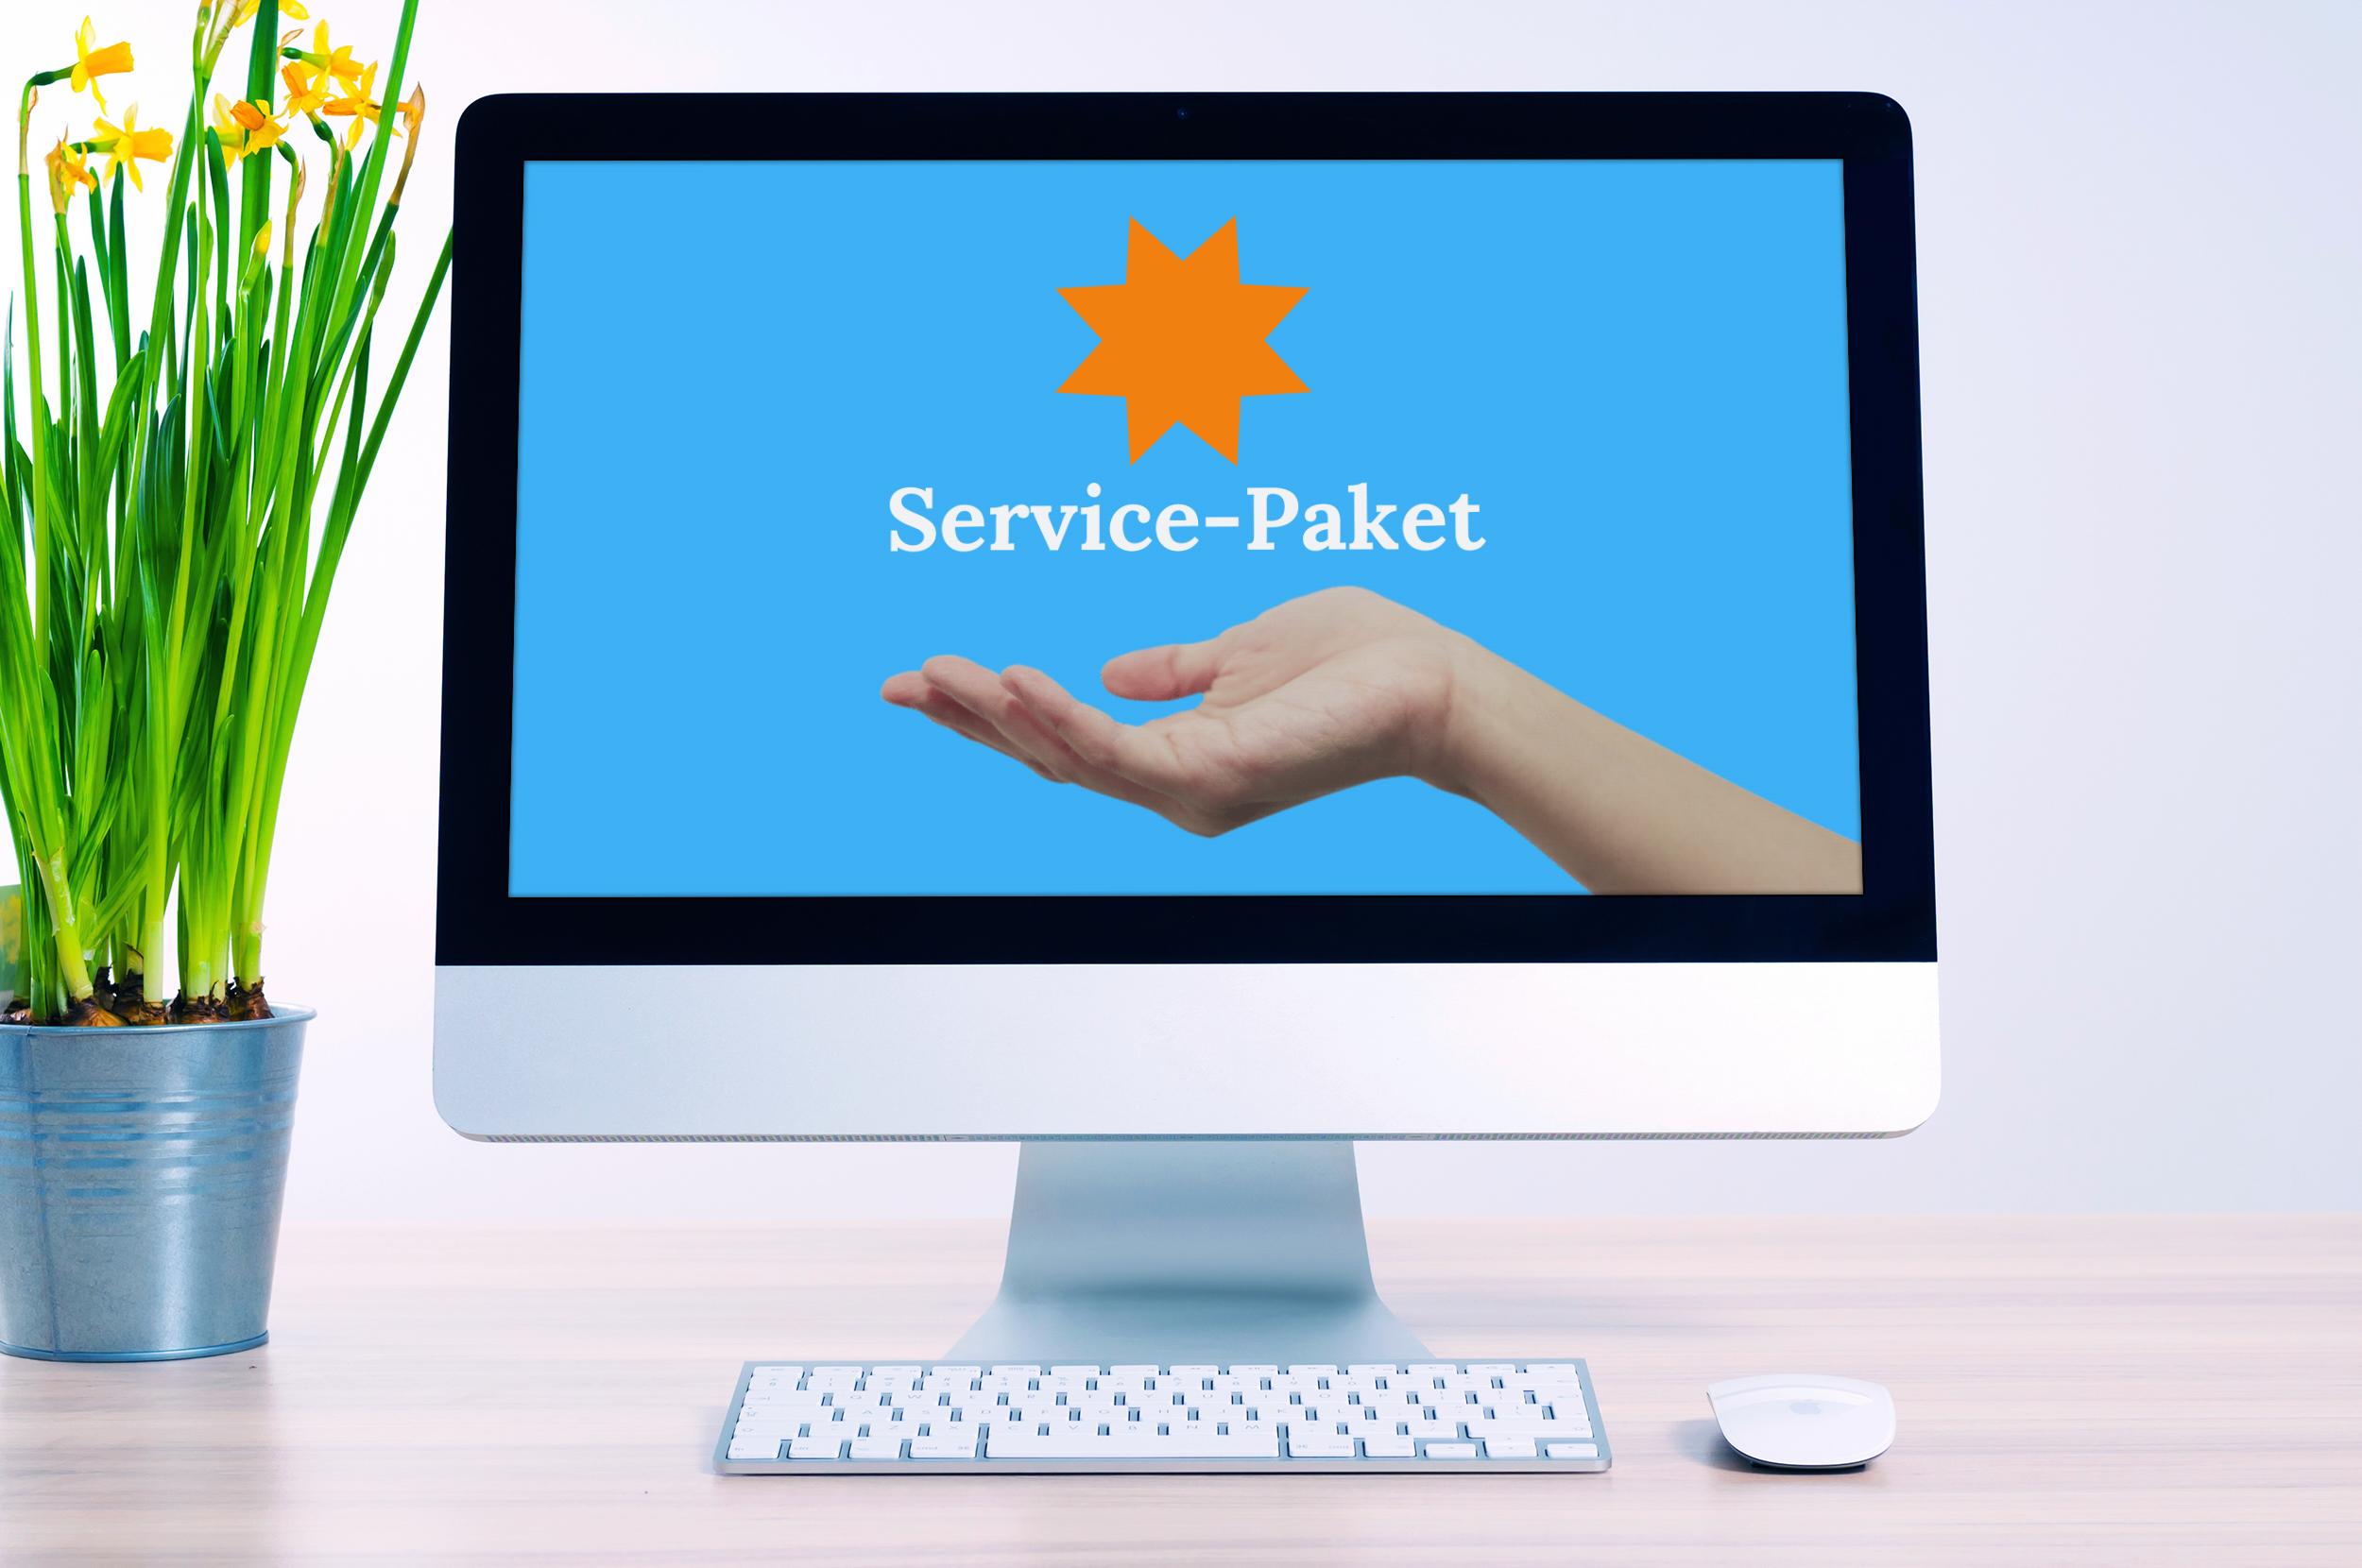 Netzwerk-Service-Paket mit 5 bis 9 Geräte für 12 Monate